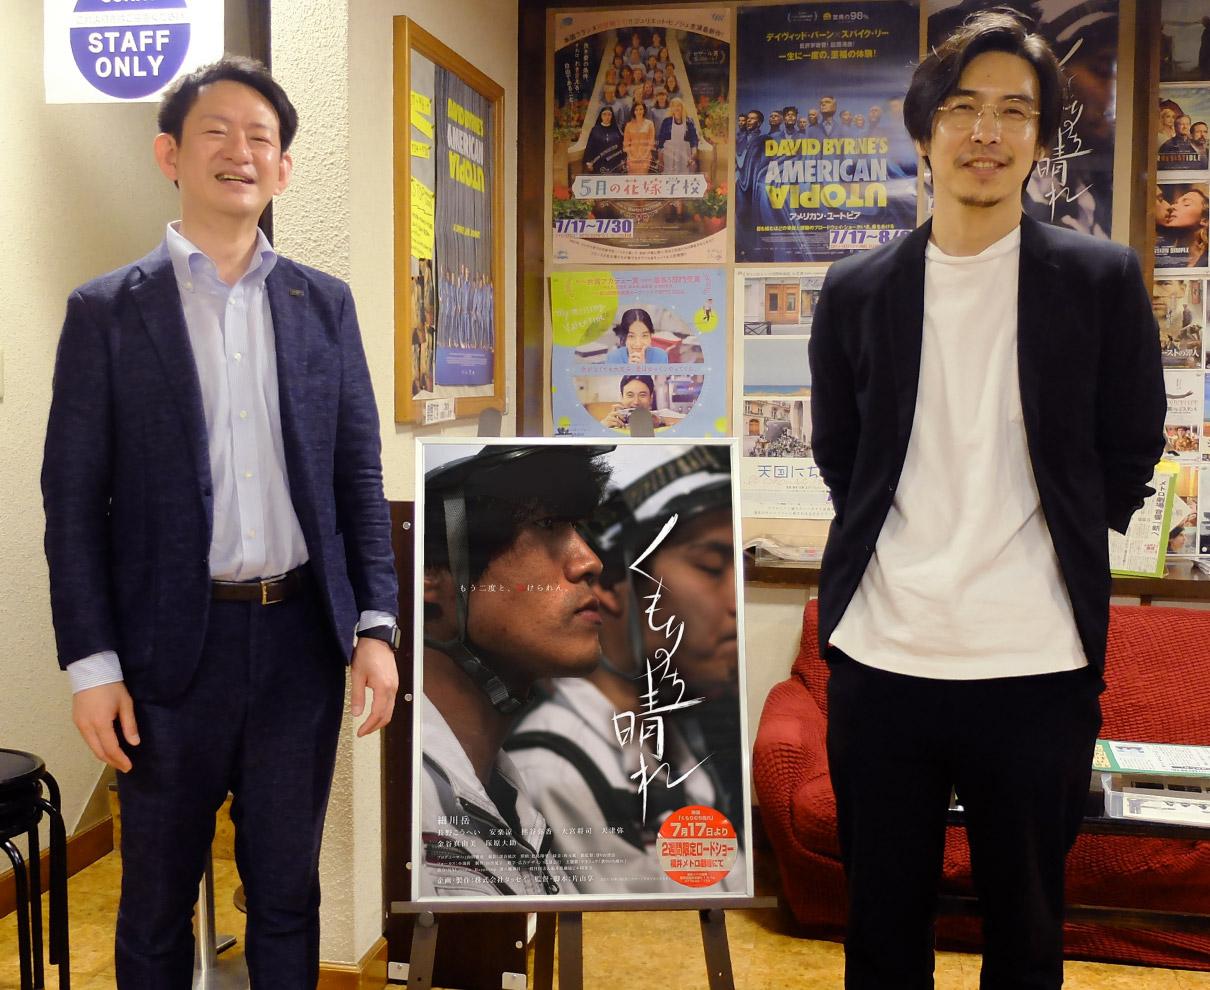 福井ならではの映画『くもりのち晴れ』。とうとう上映スタート!|メトロの灯